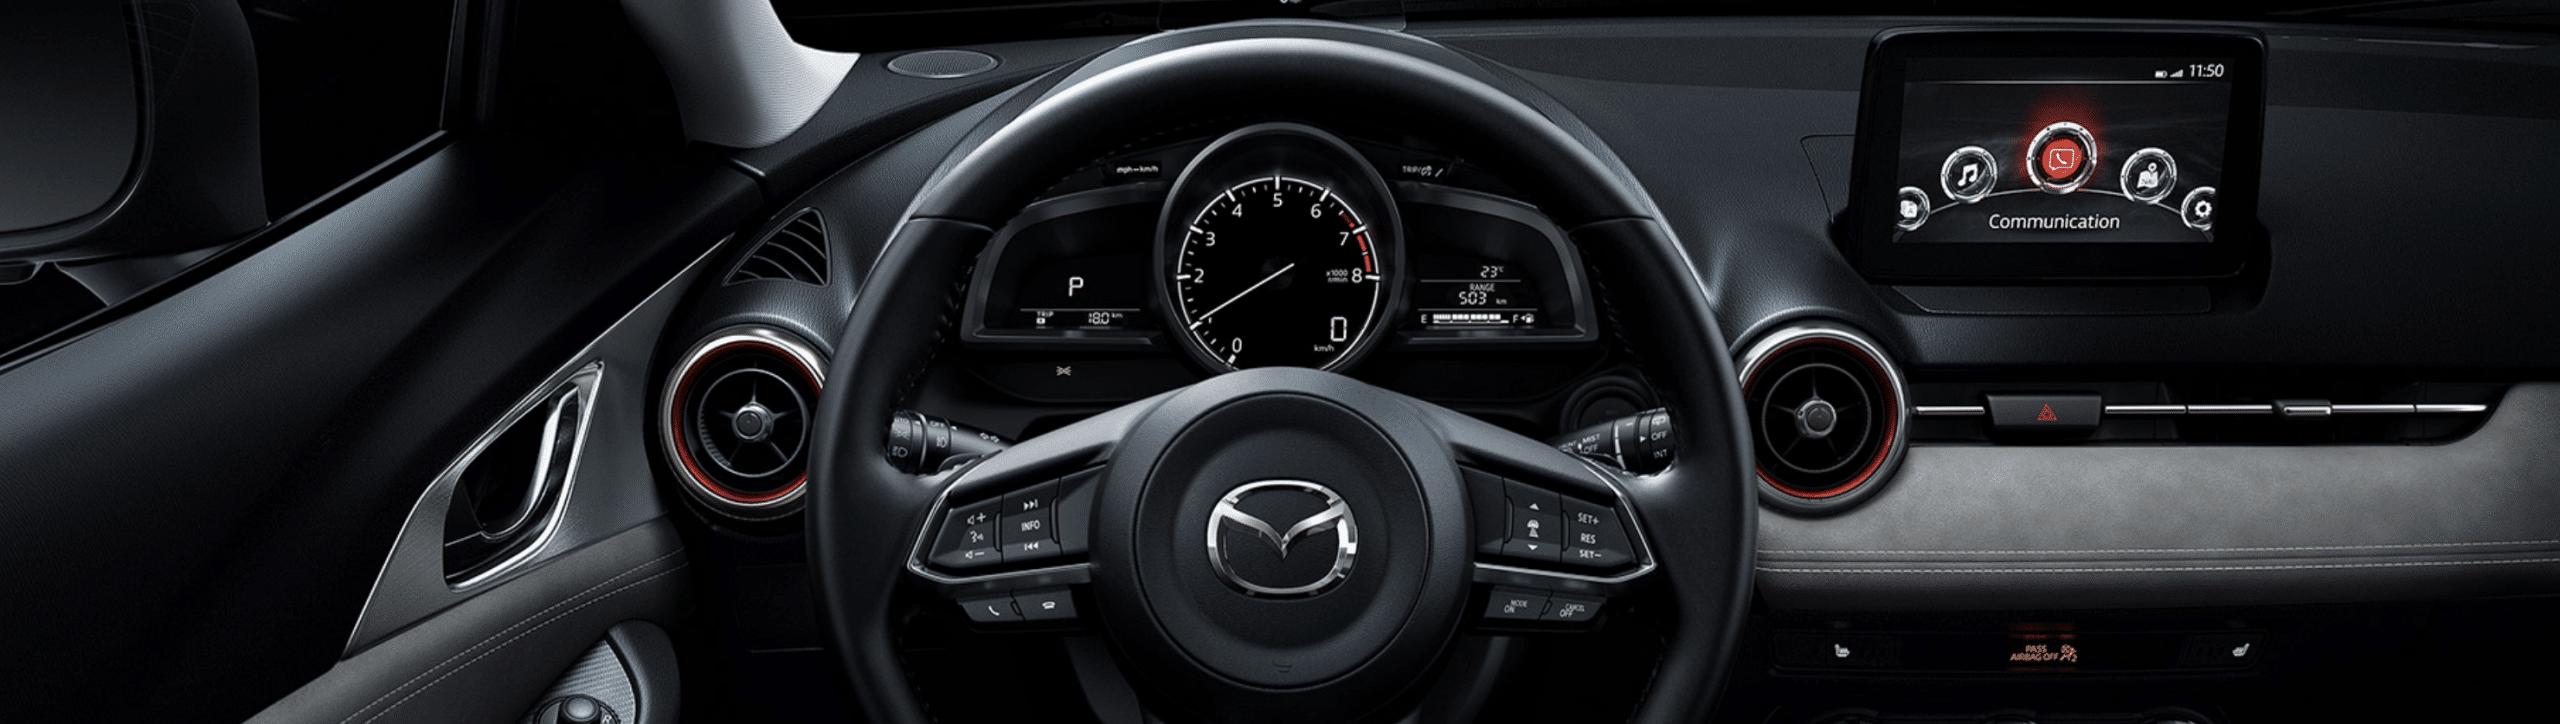 Volant et dashboard intérieur dans le Mazda CX-3 2020